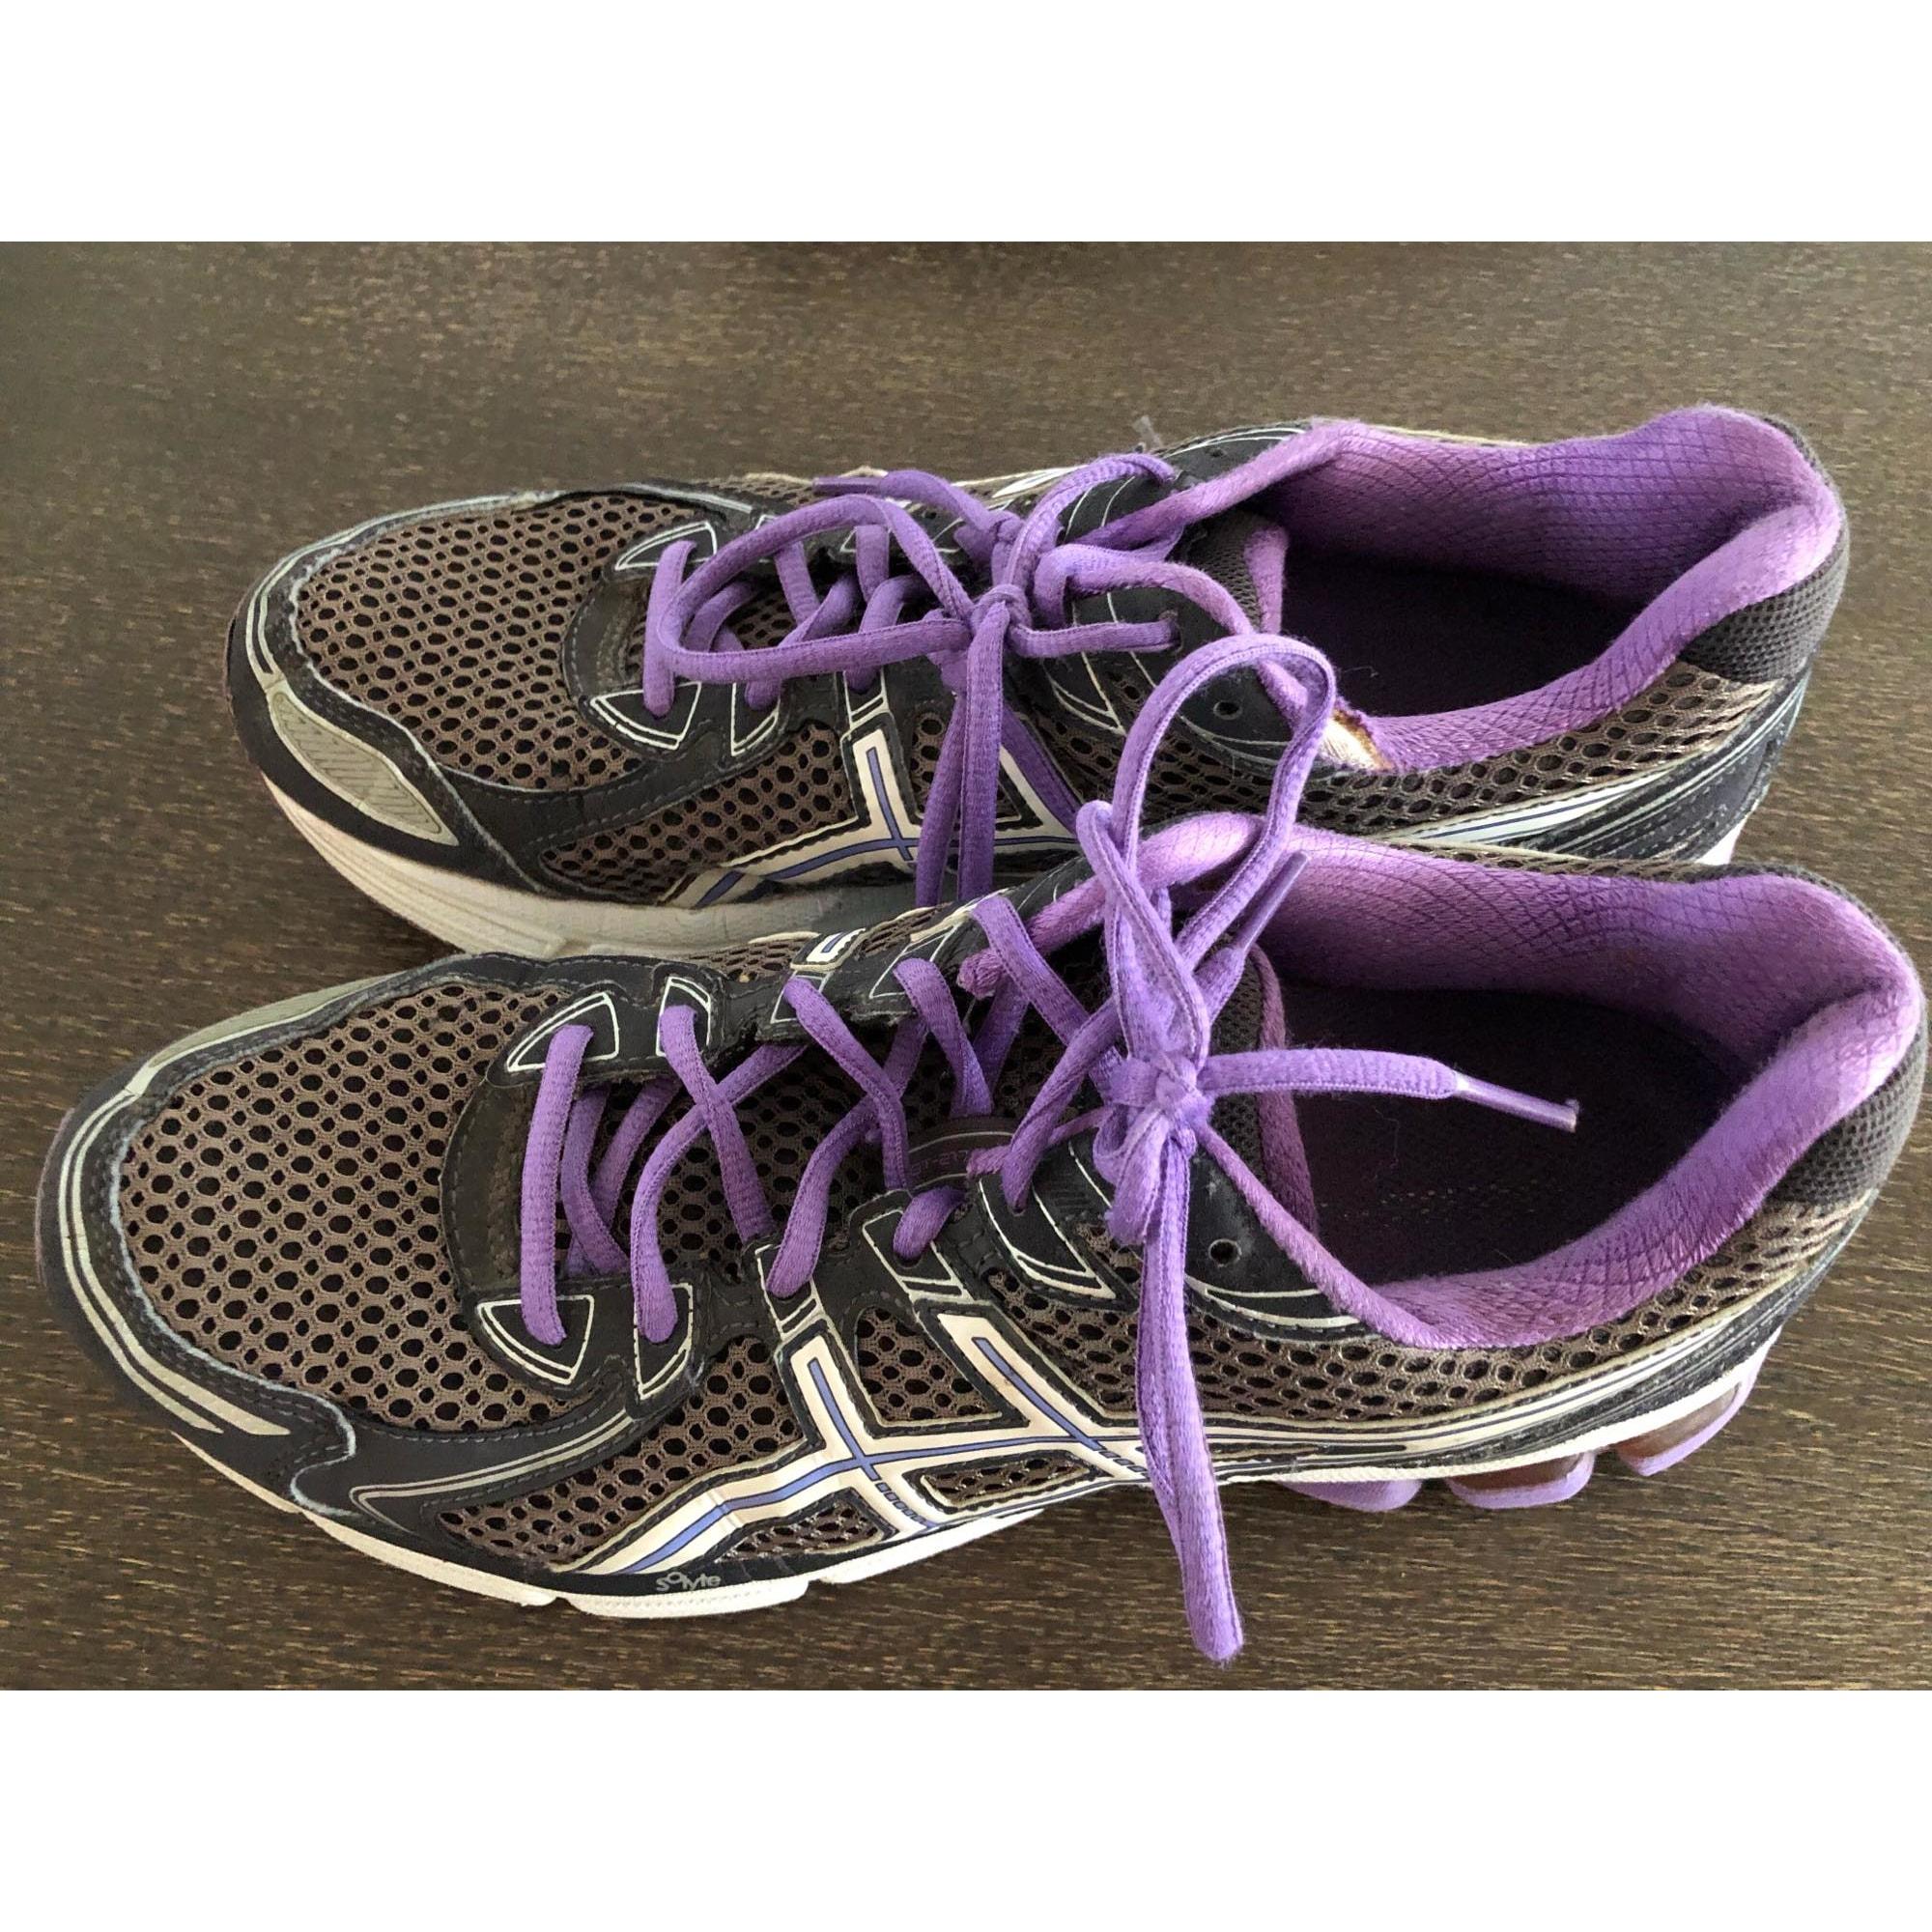 Chaussures de sport ASICS Violet, mauve, lavande